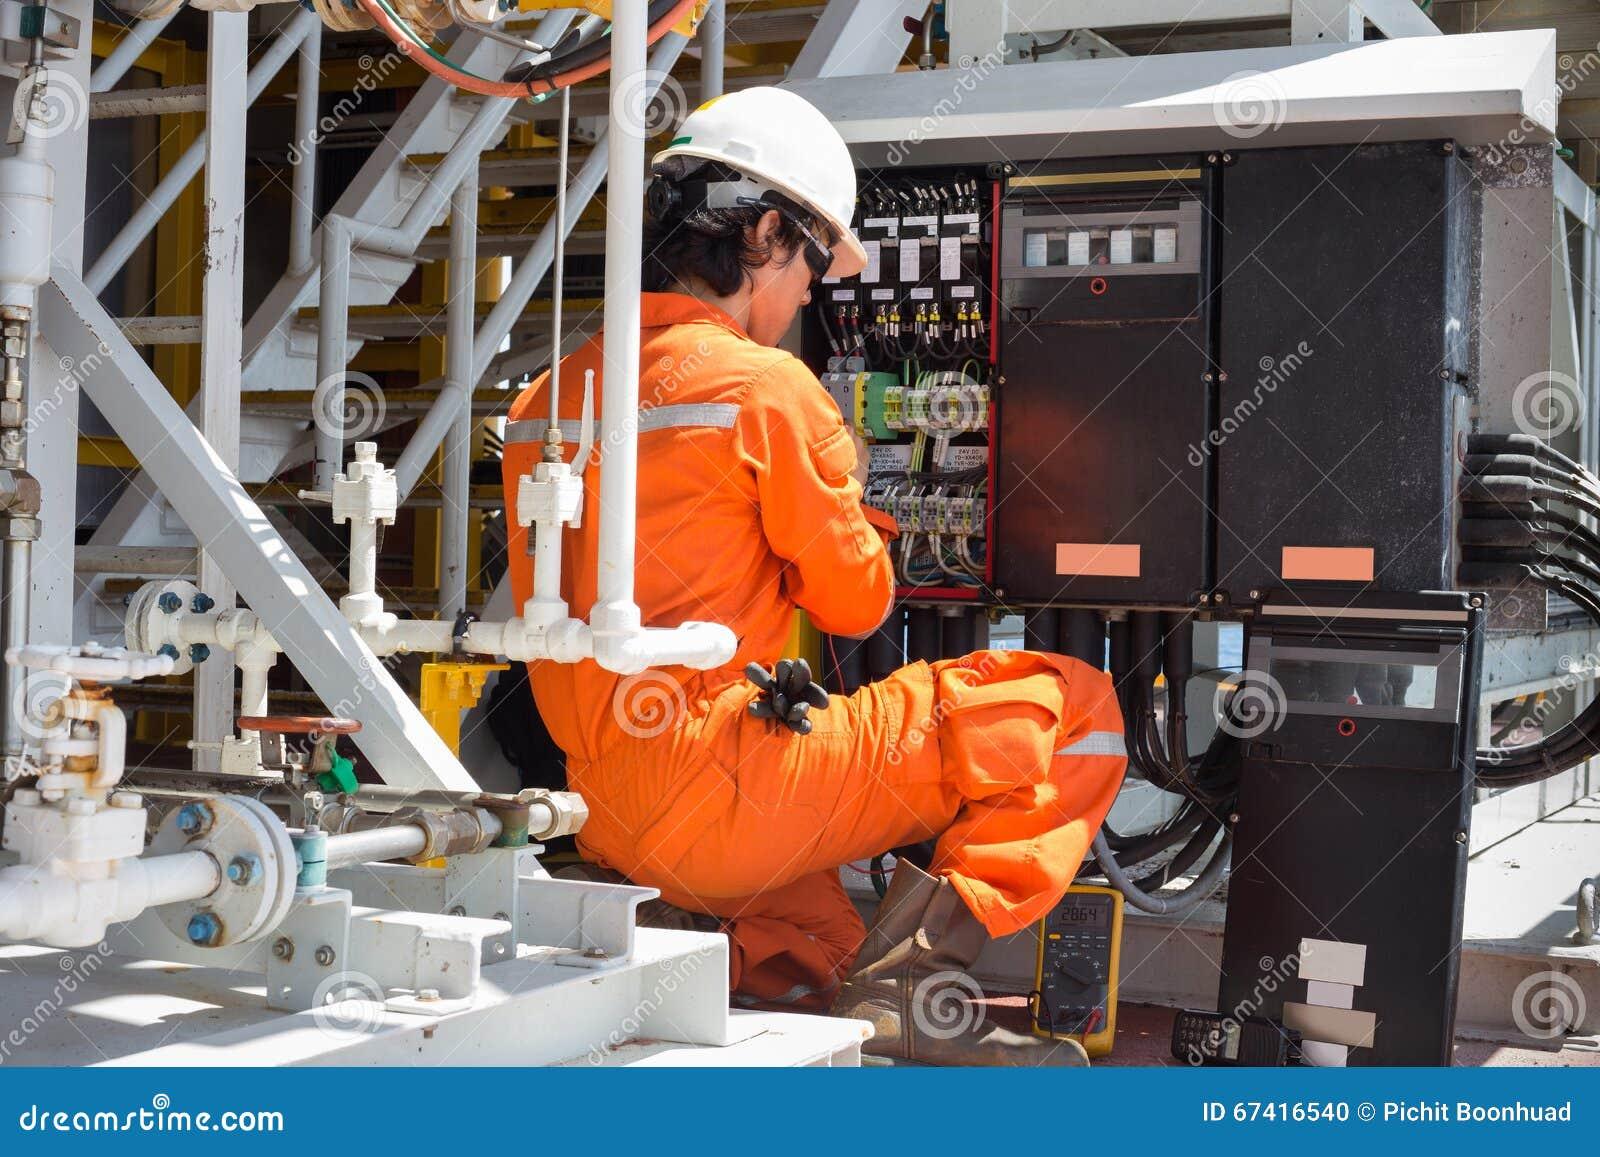 Ηλεκτρικό σύστημα συντήρησης ηλεκτρικών και τεχνικών οργάνων